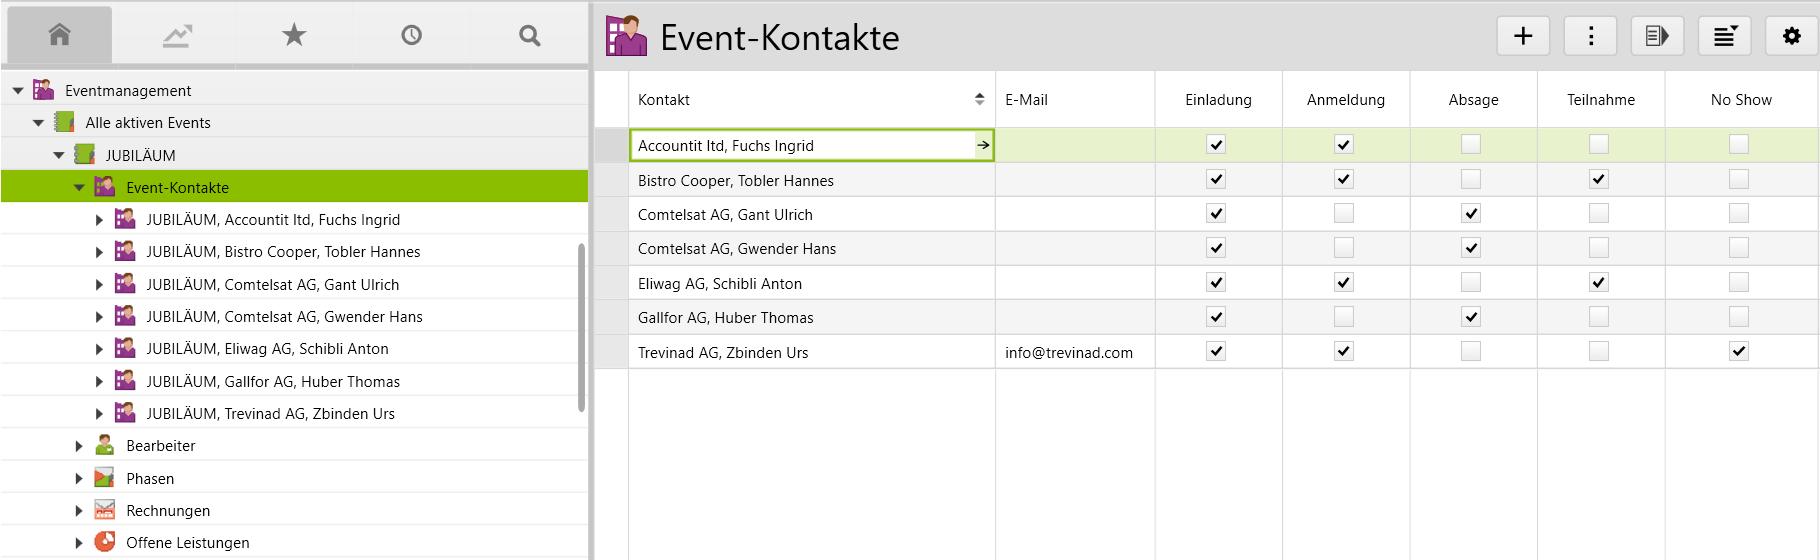 Der Ordner «Event-Kontakte» mit hinzugefügten Kontakten